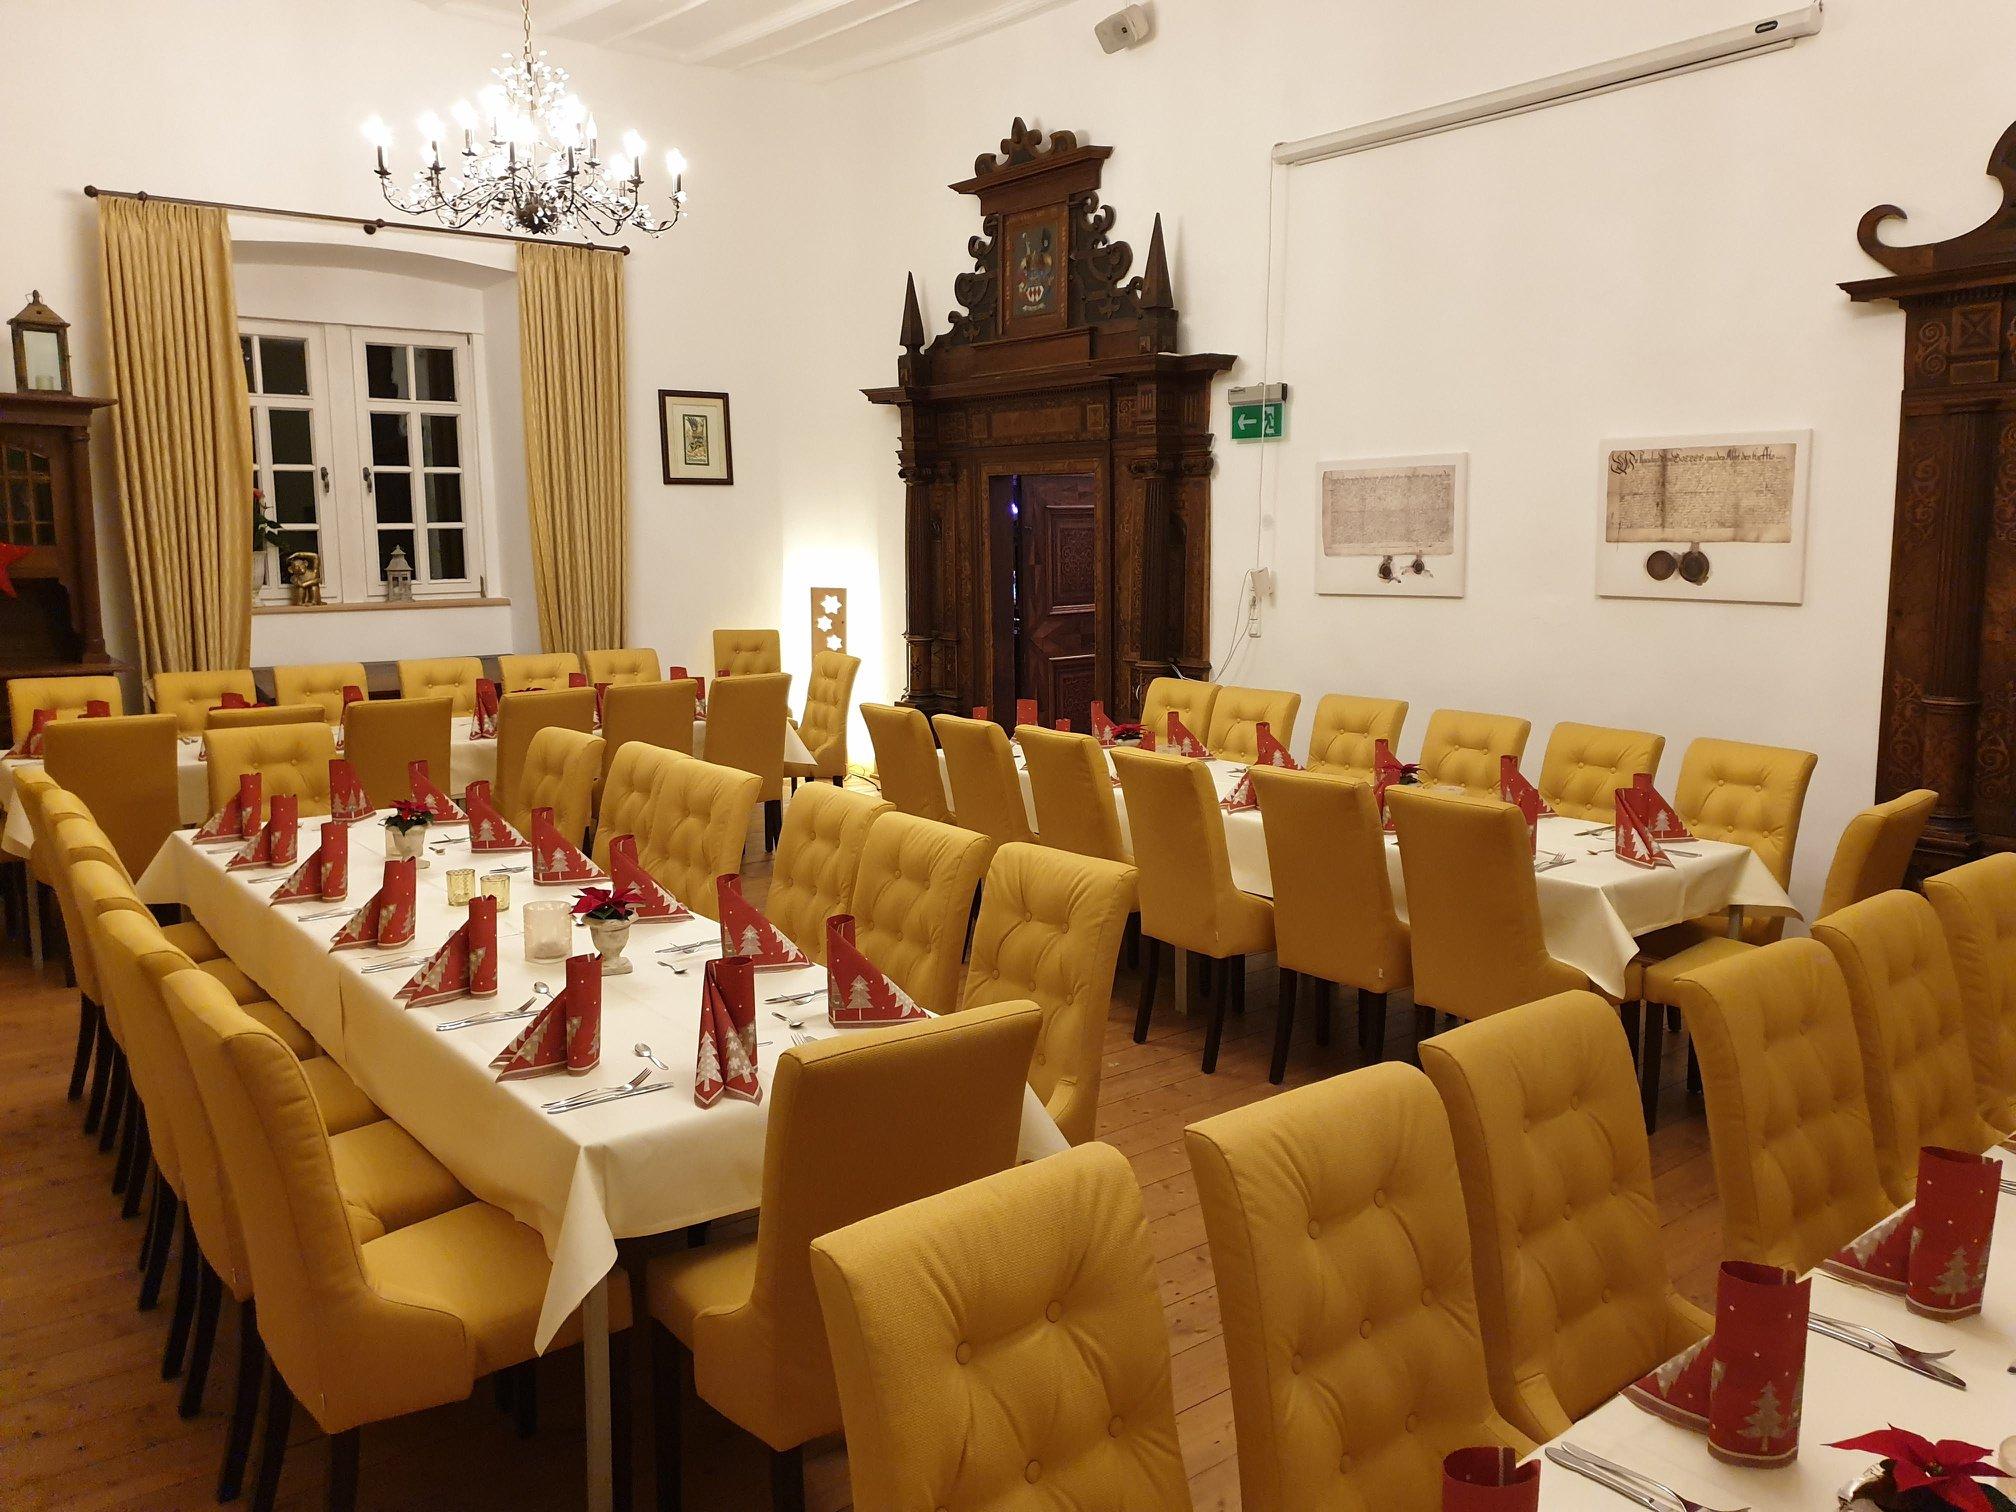 restaurantstuehle-marta-k